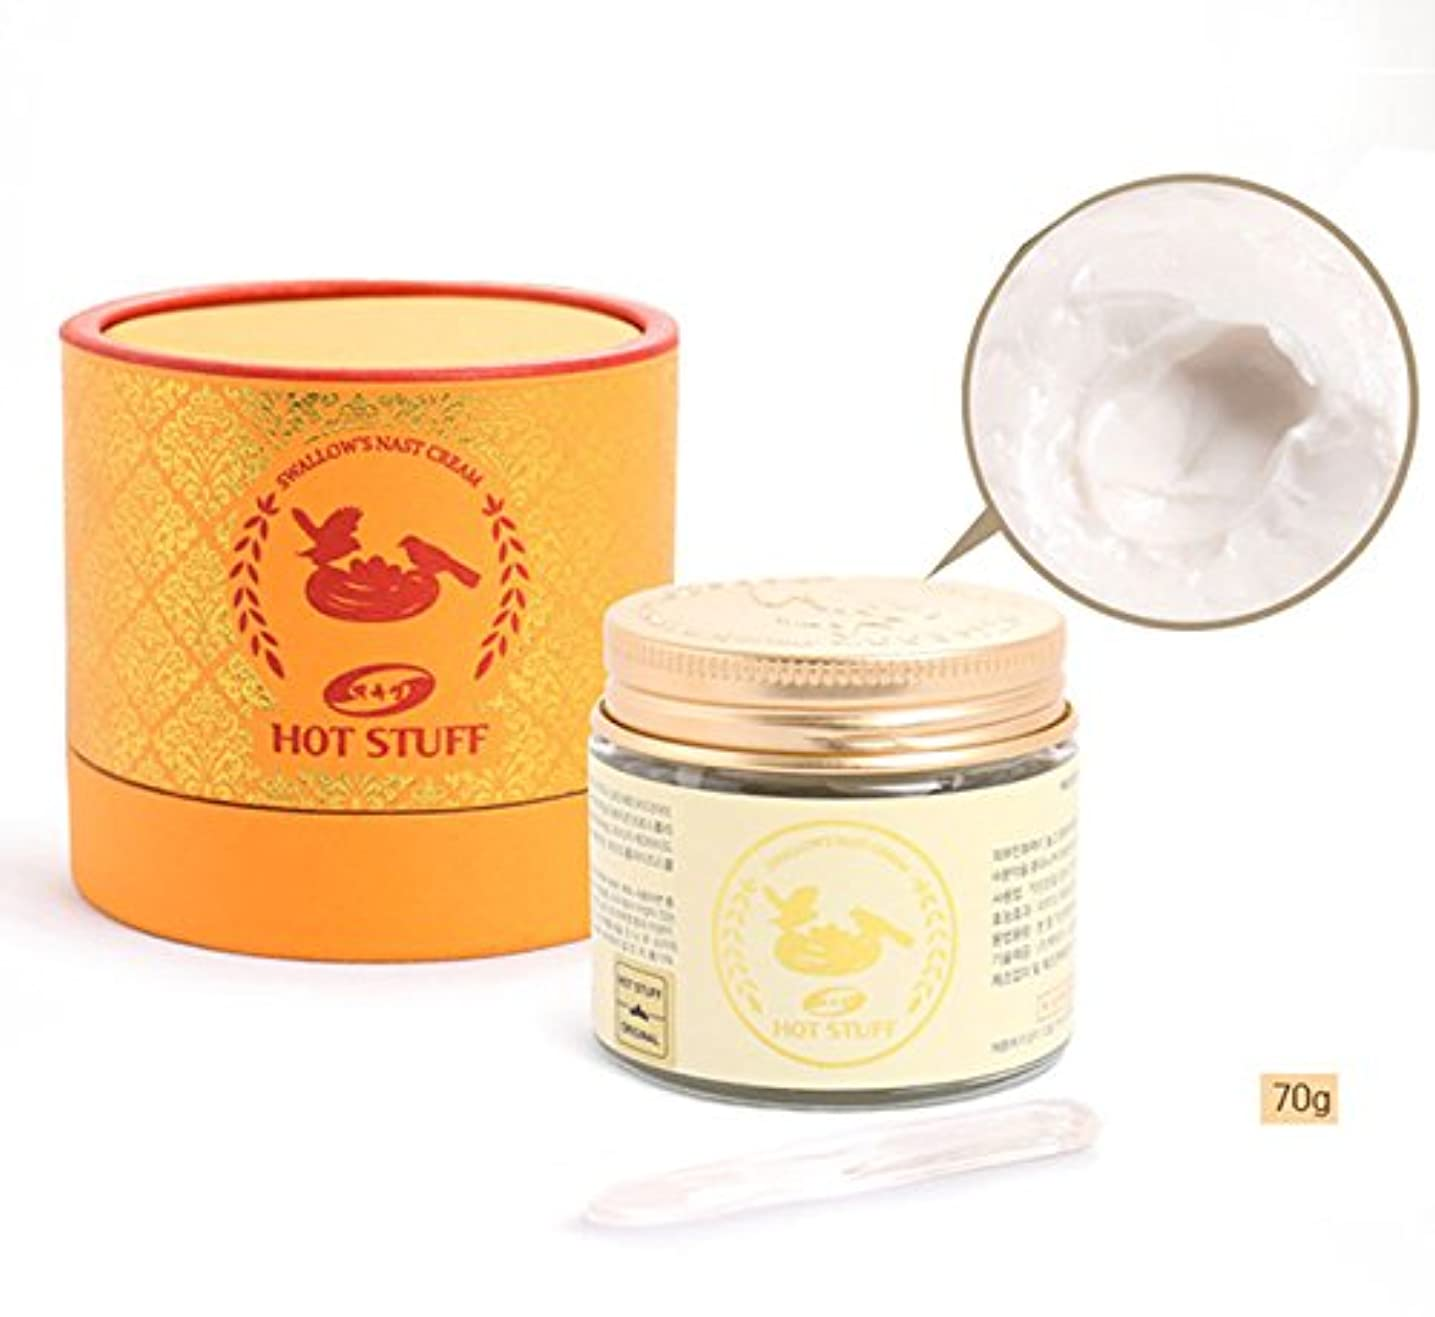 可聴ハッピー可聴[Hot Stuff] スワローズネストクリーム70g/弾力、潤い/韓国化粧品/Swallow's Nest Cream 70g/elasticity, moisturizes/Korean Cosmetics [並行輸入品]